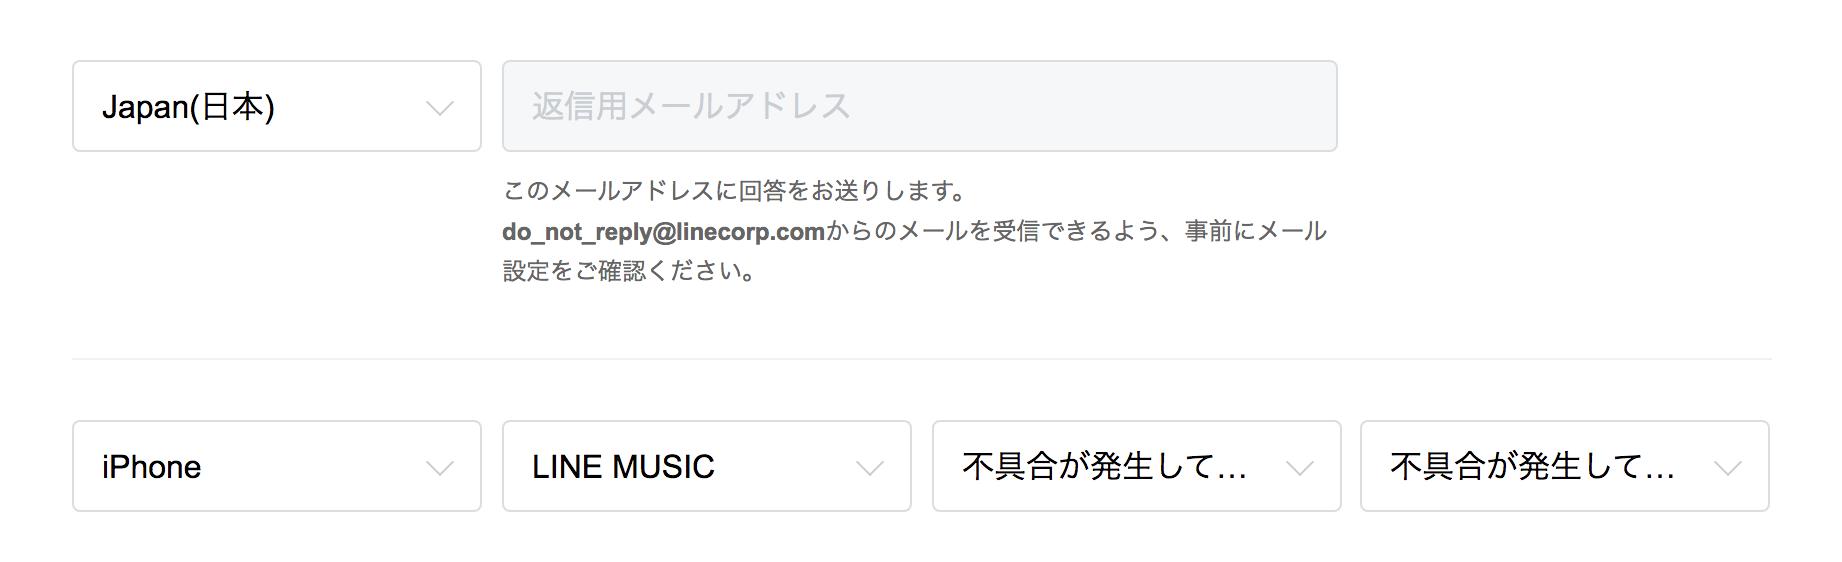 【LINE】LINE MUSICが落ちる、起動出来ない不具合が最新アップデート後に報告